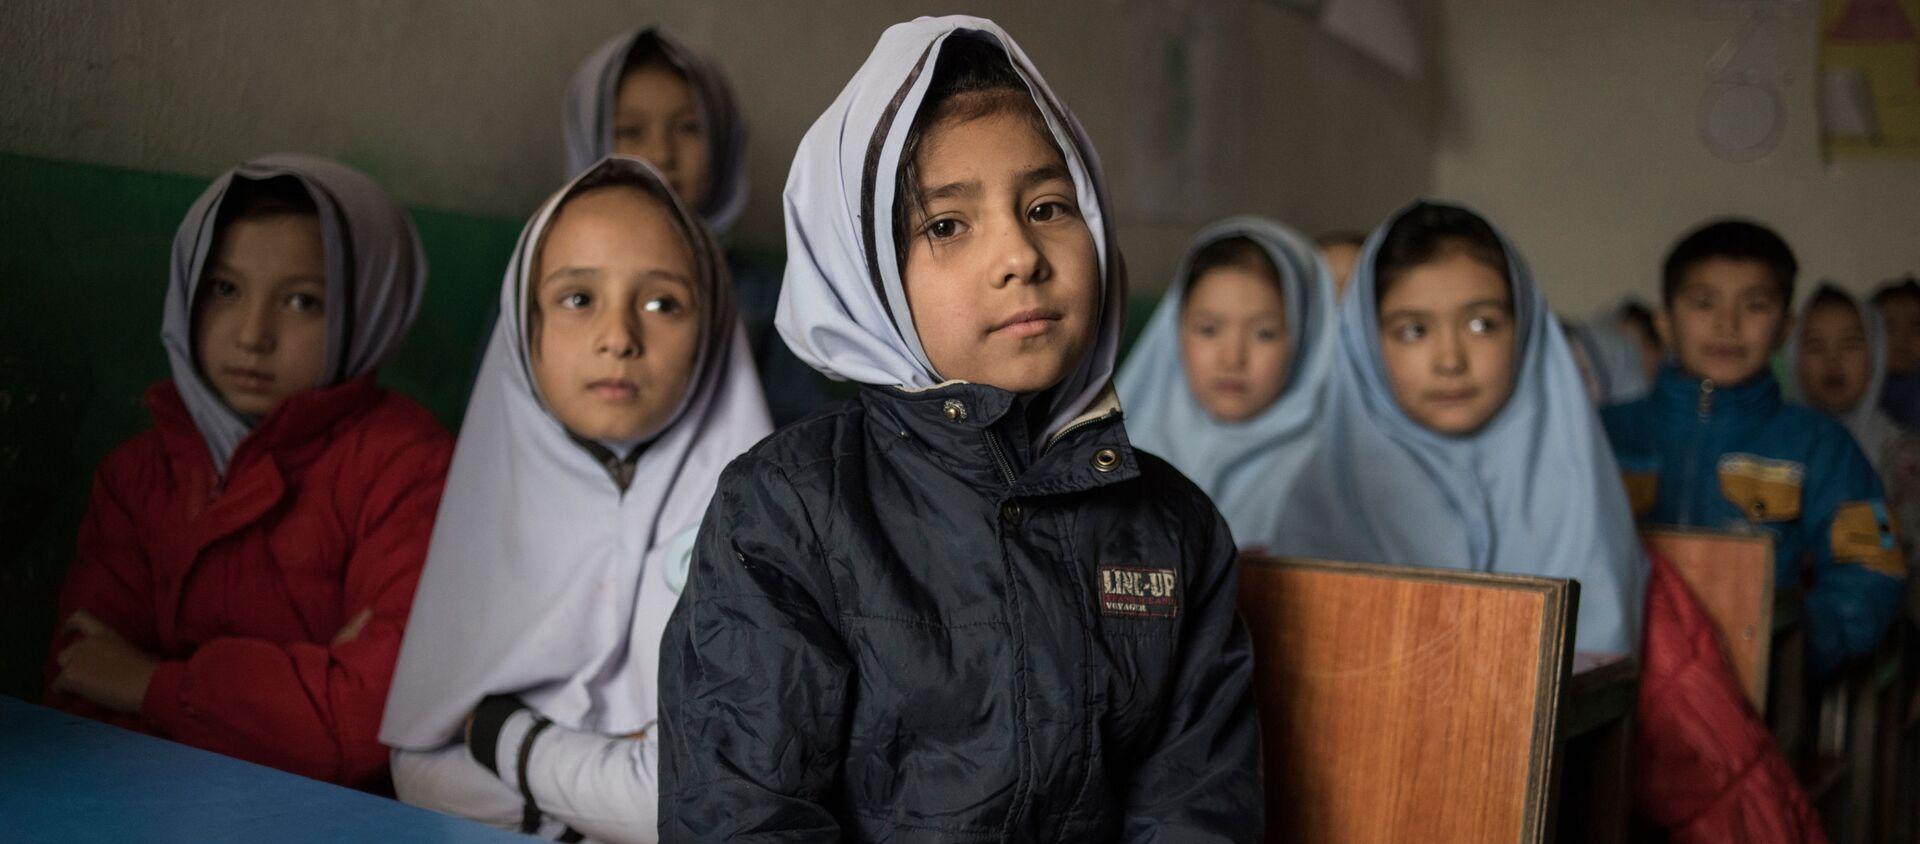 アフガニスタンの女性生徒 - Sputnik 日本, 1920, 14.03.2021